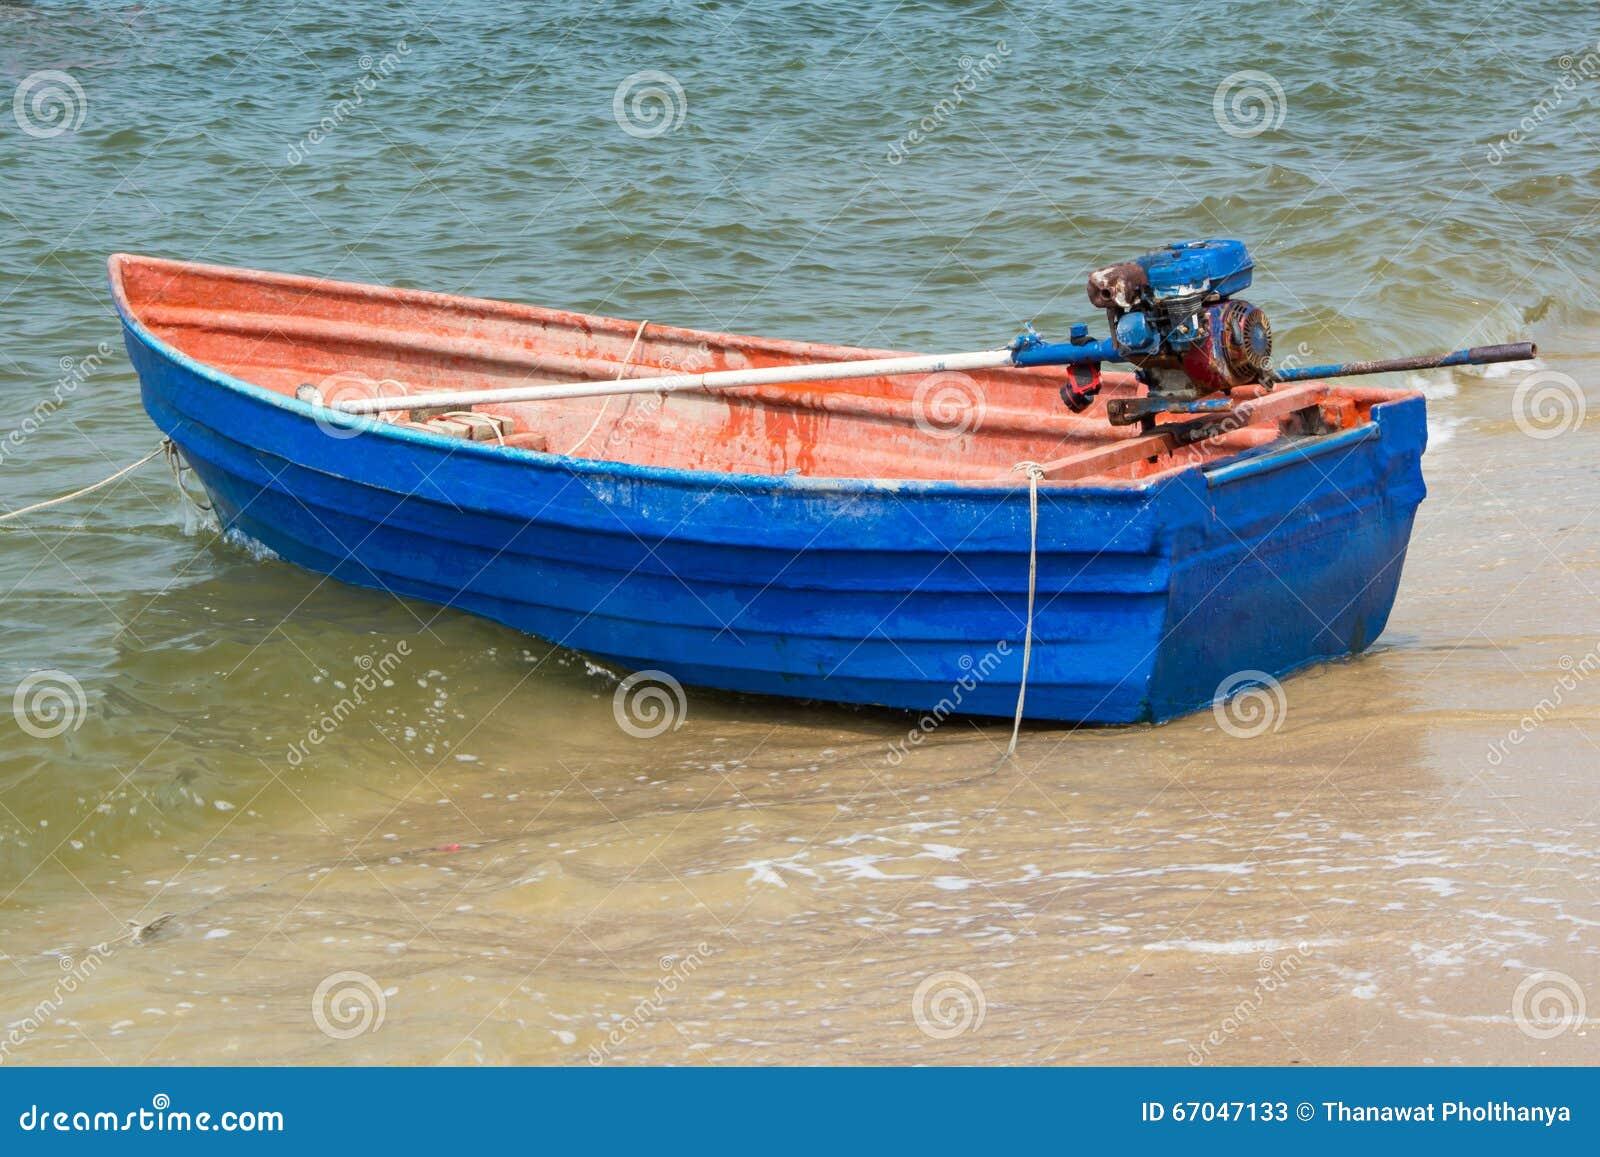 Bateau à rames bleu sur la plage